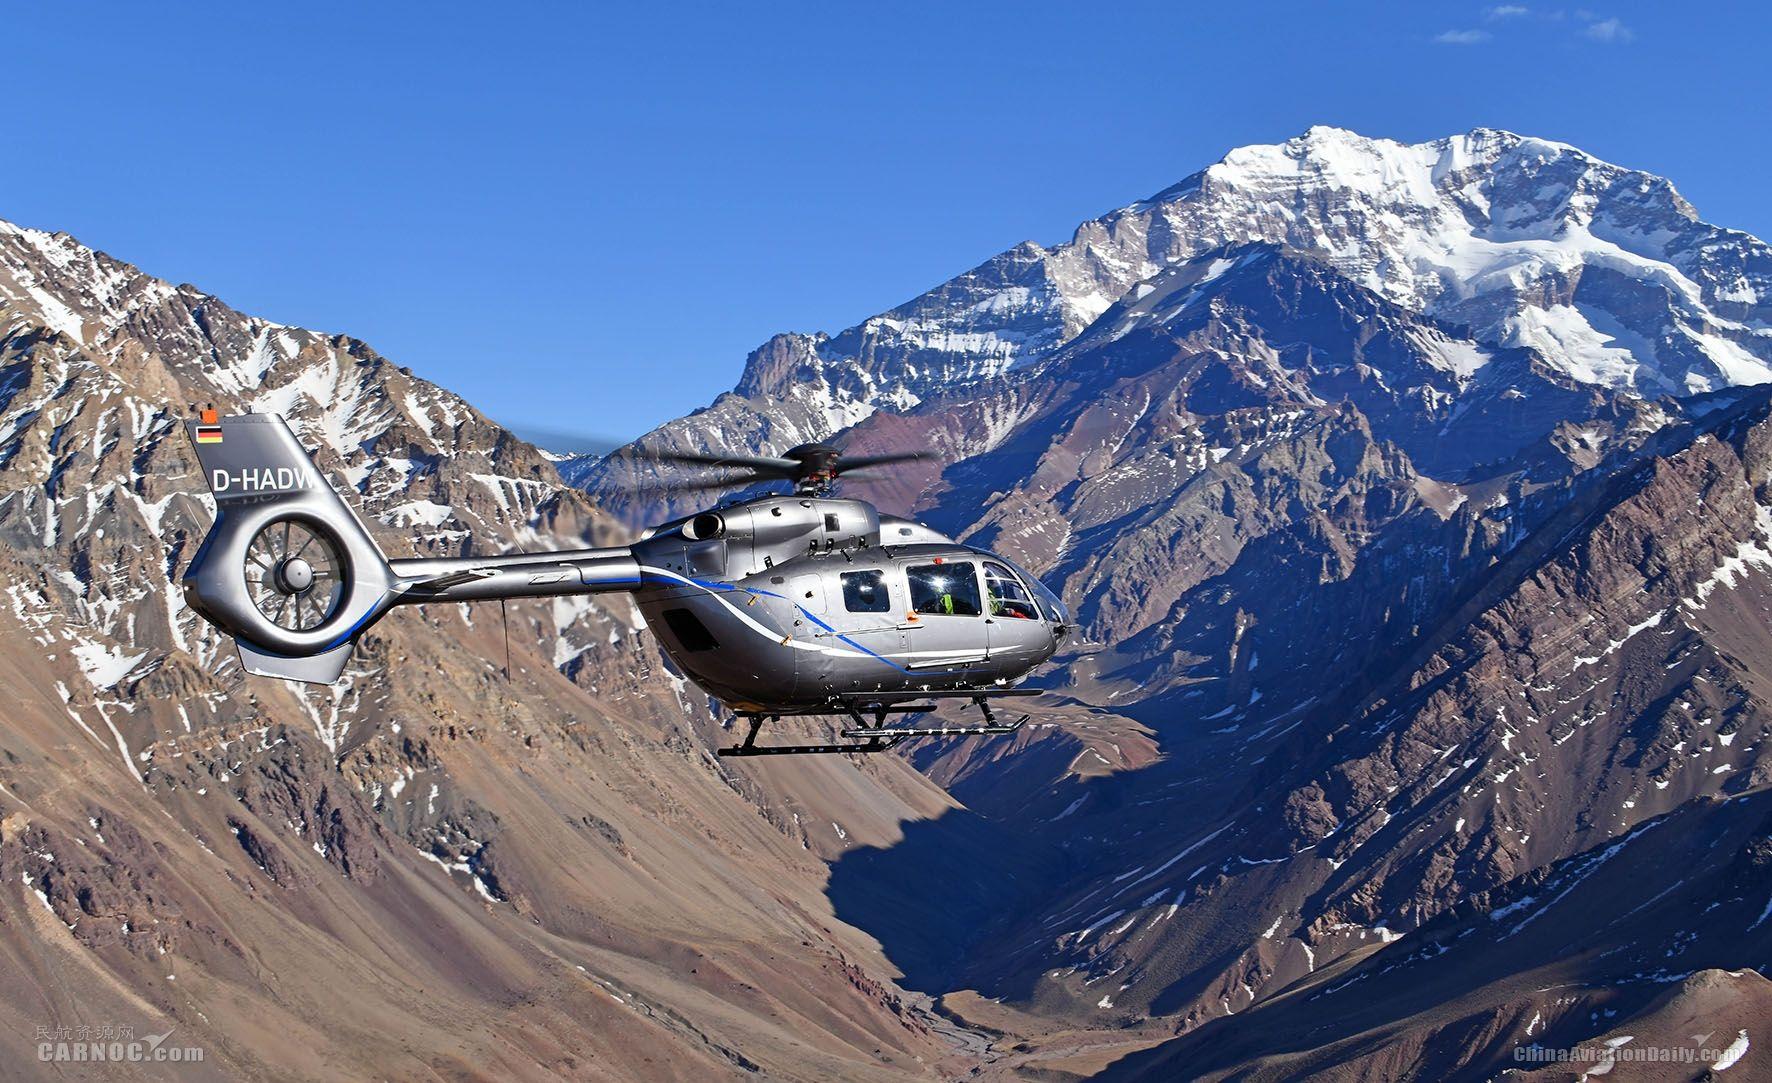 全新空中客车H145直升机征服安第斯山顶峰